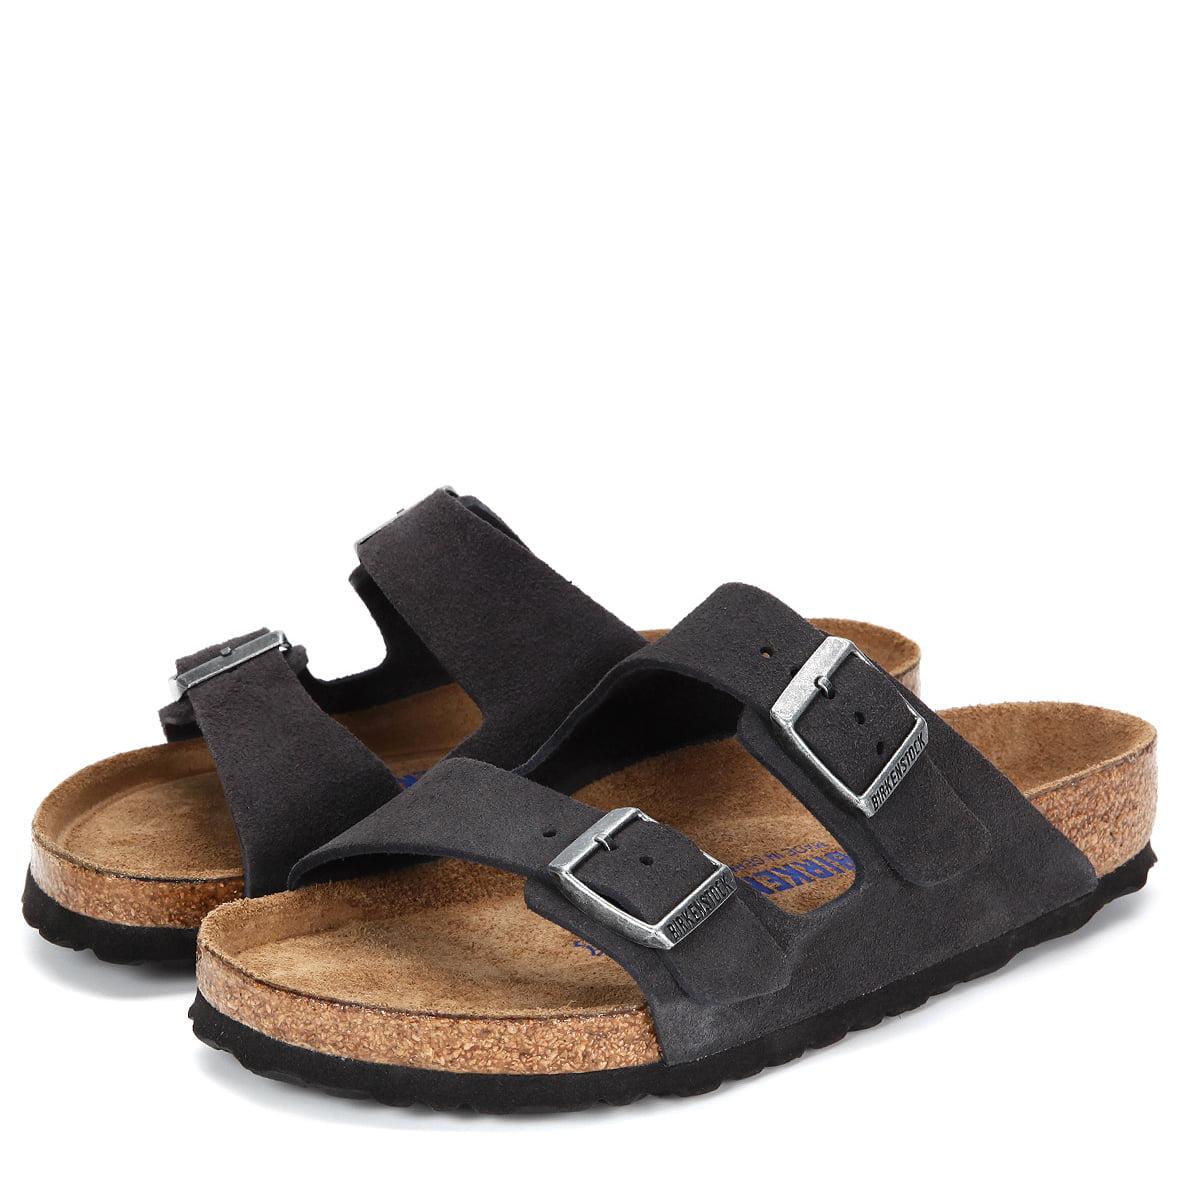 Birkenstock Arizona Soft Footbed Suede Sandals 552321 Velvet Gray by Birkenstock